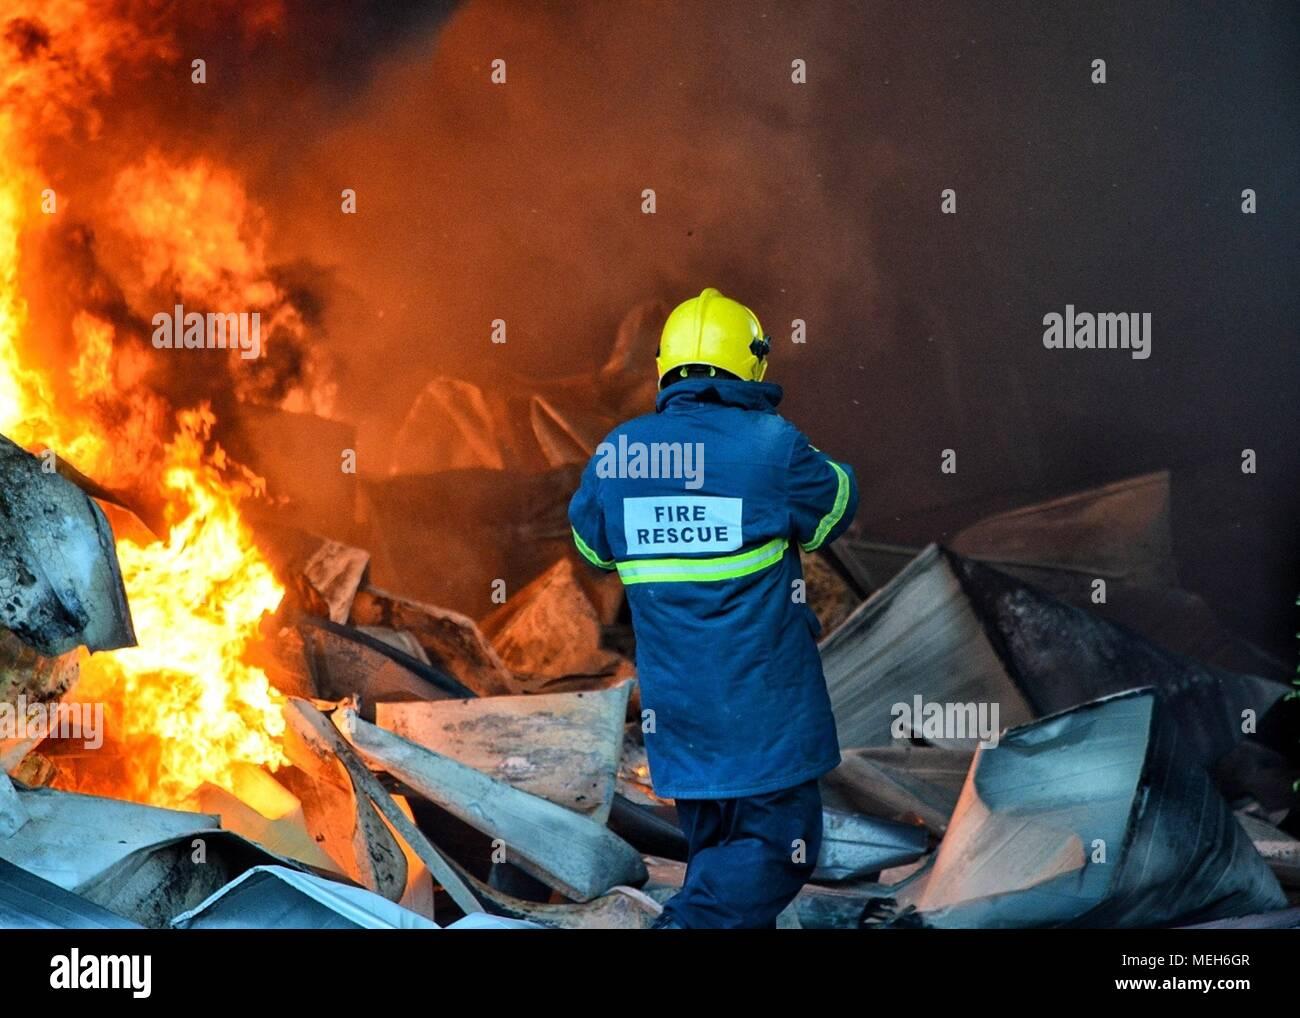 El bombero luchando con el fuego, rescate en busca de supervivientes. Enormes llamas quemaron una empresa de reciclaje en Tirana, bombero de extinguir las llamas Foto de stock